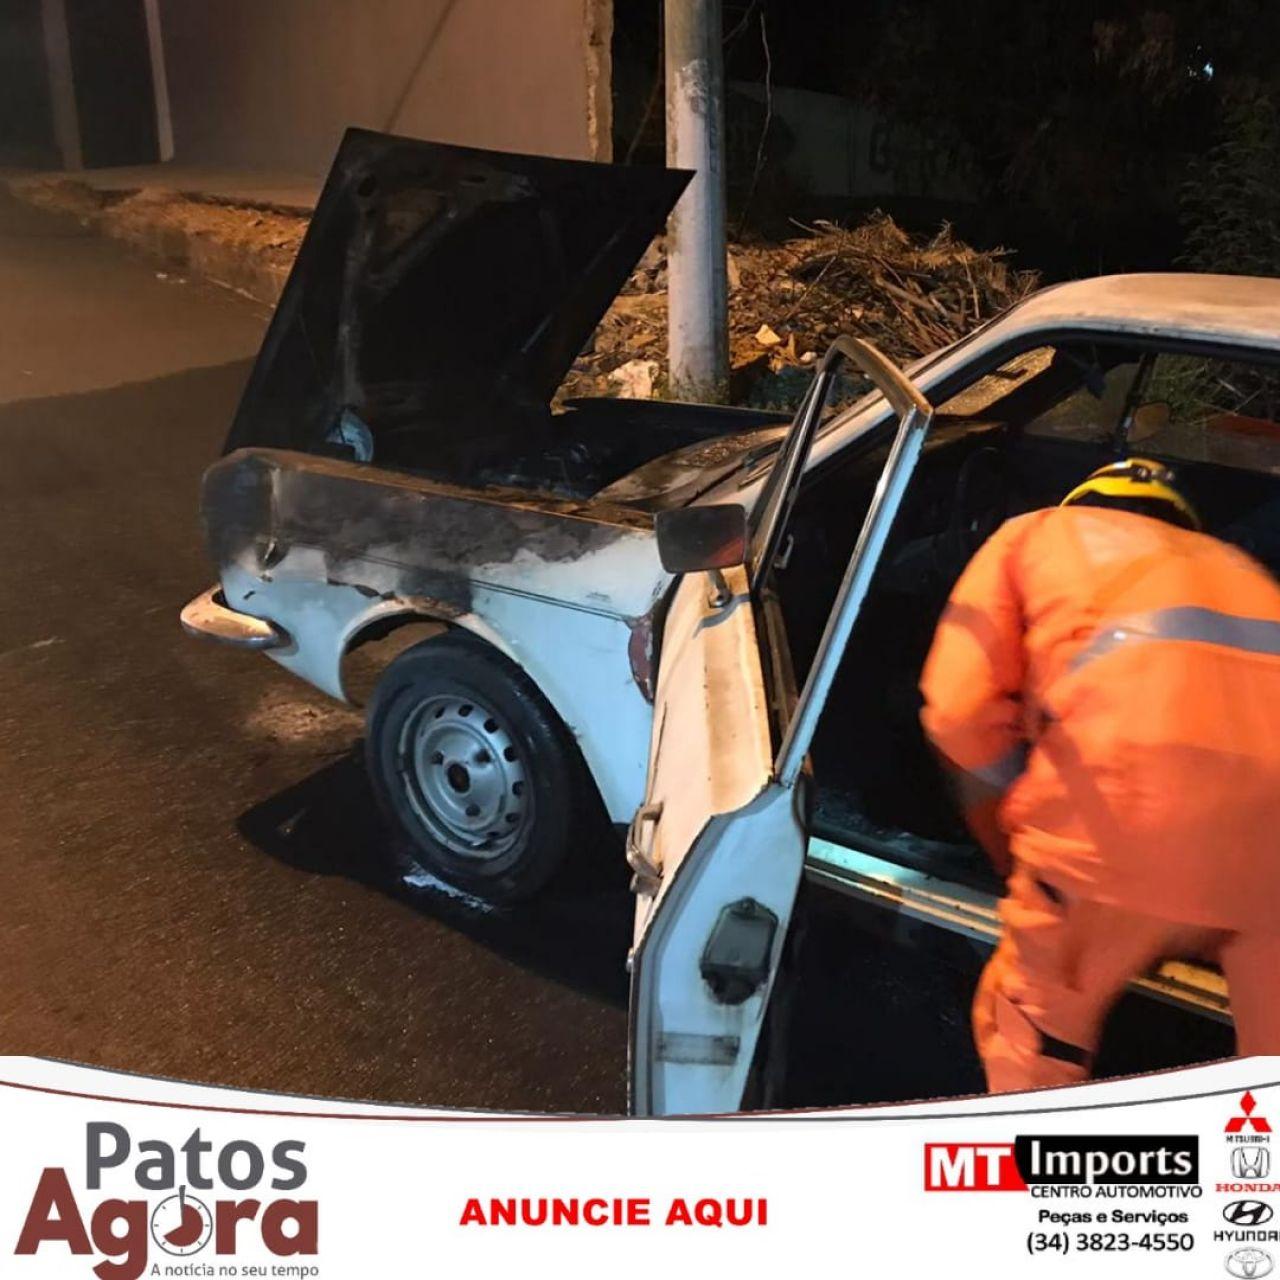 Logo após ser comprado, carro pega fogo em Patos de Minas